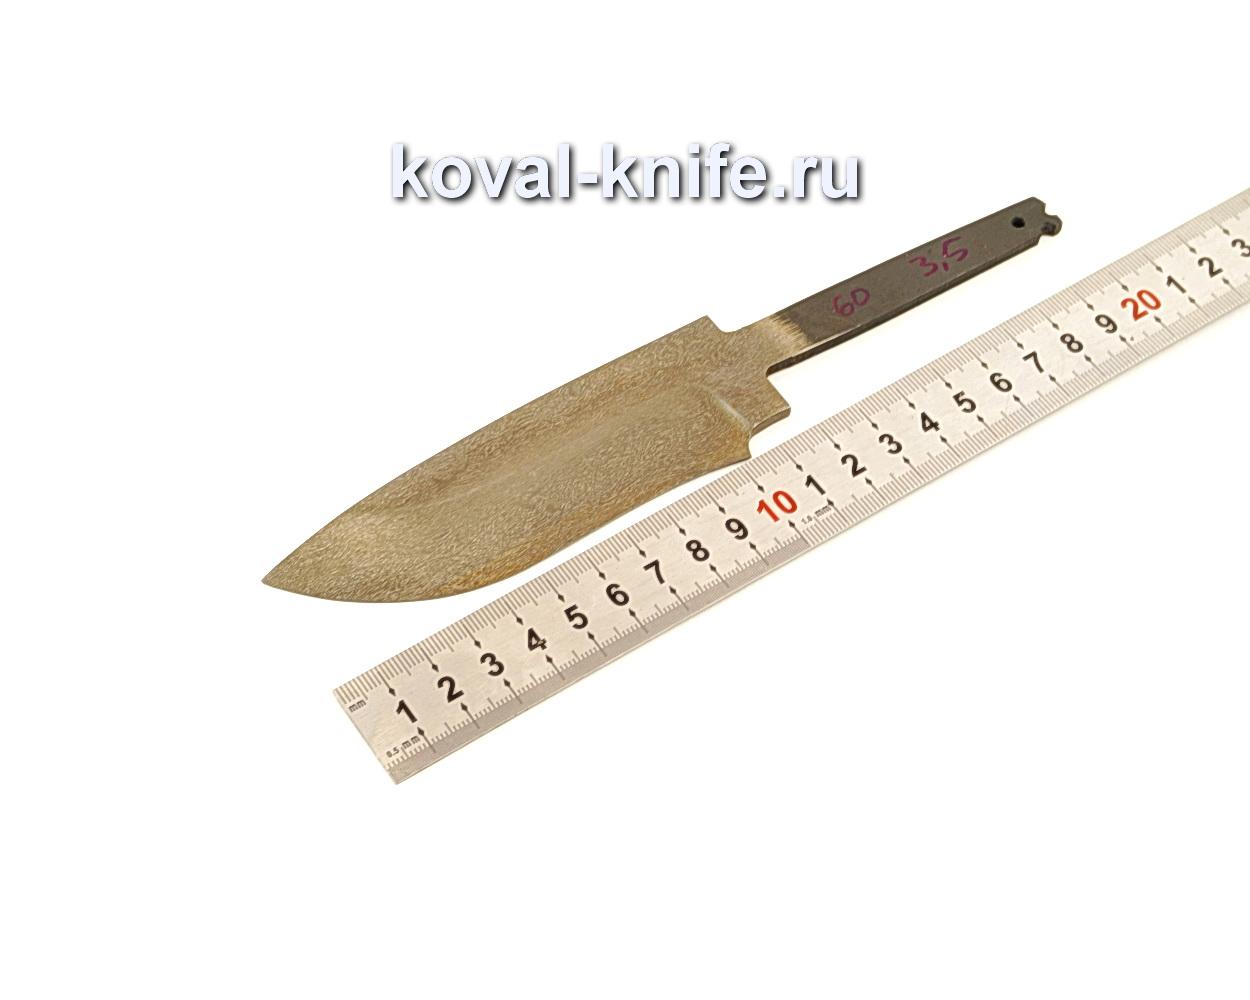 Клинок для ножа из булатной стали N60